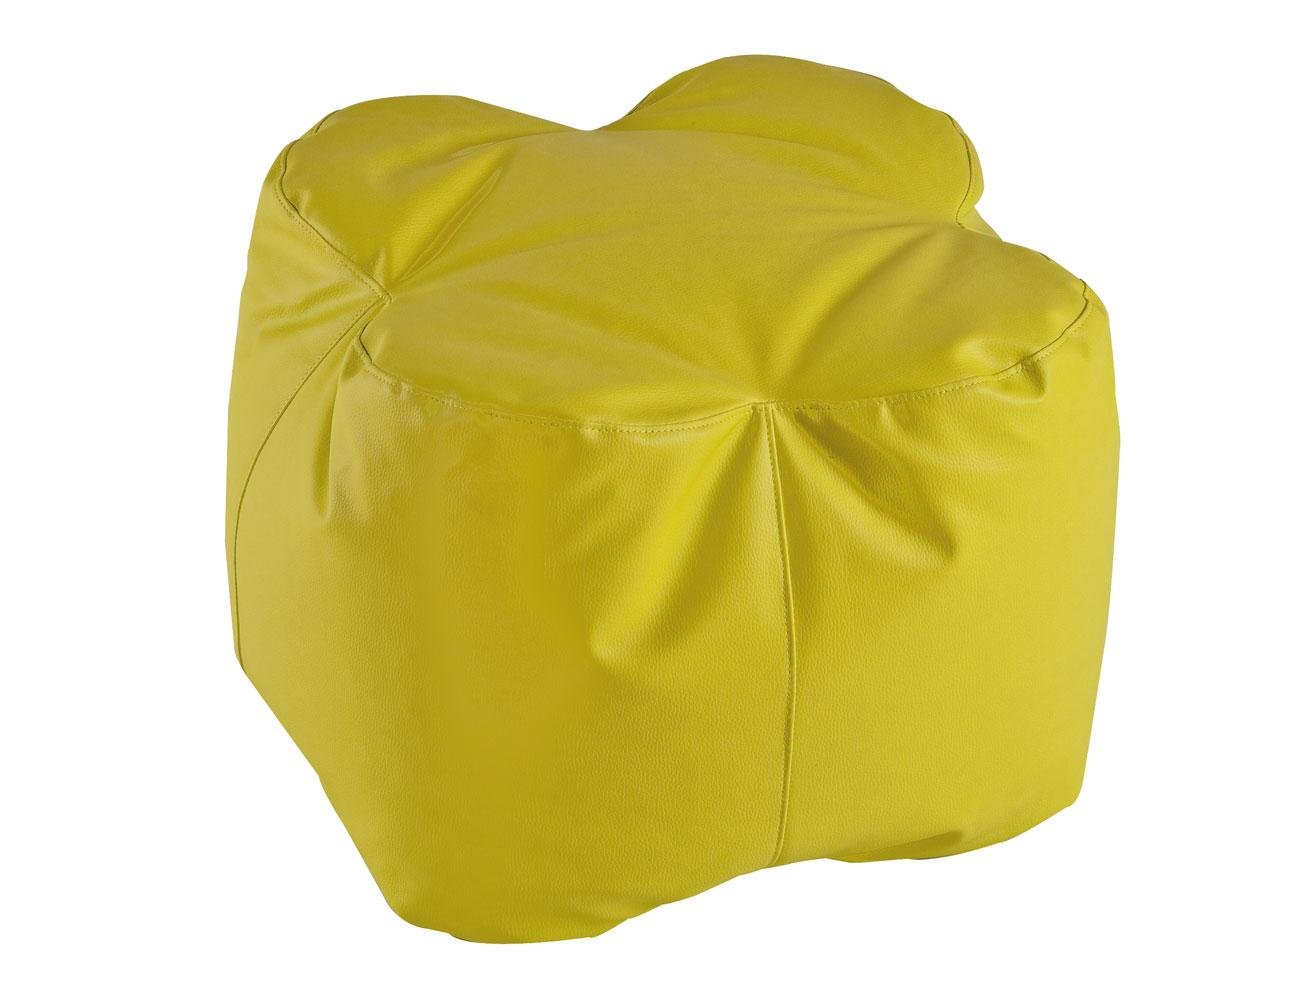 41 trebol amarillo1